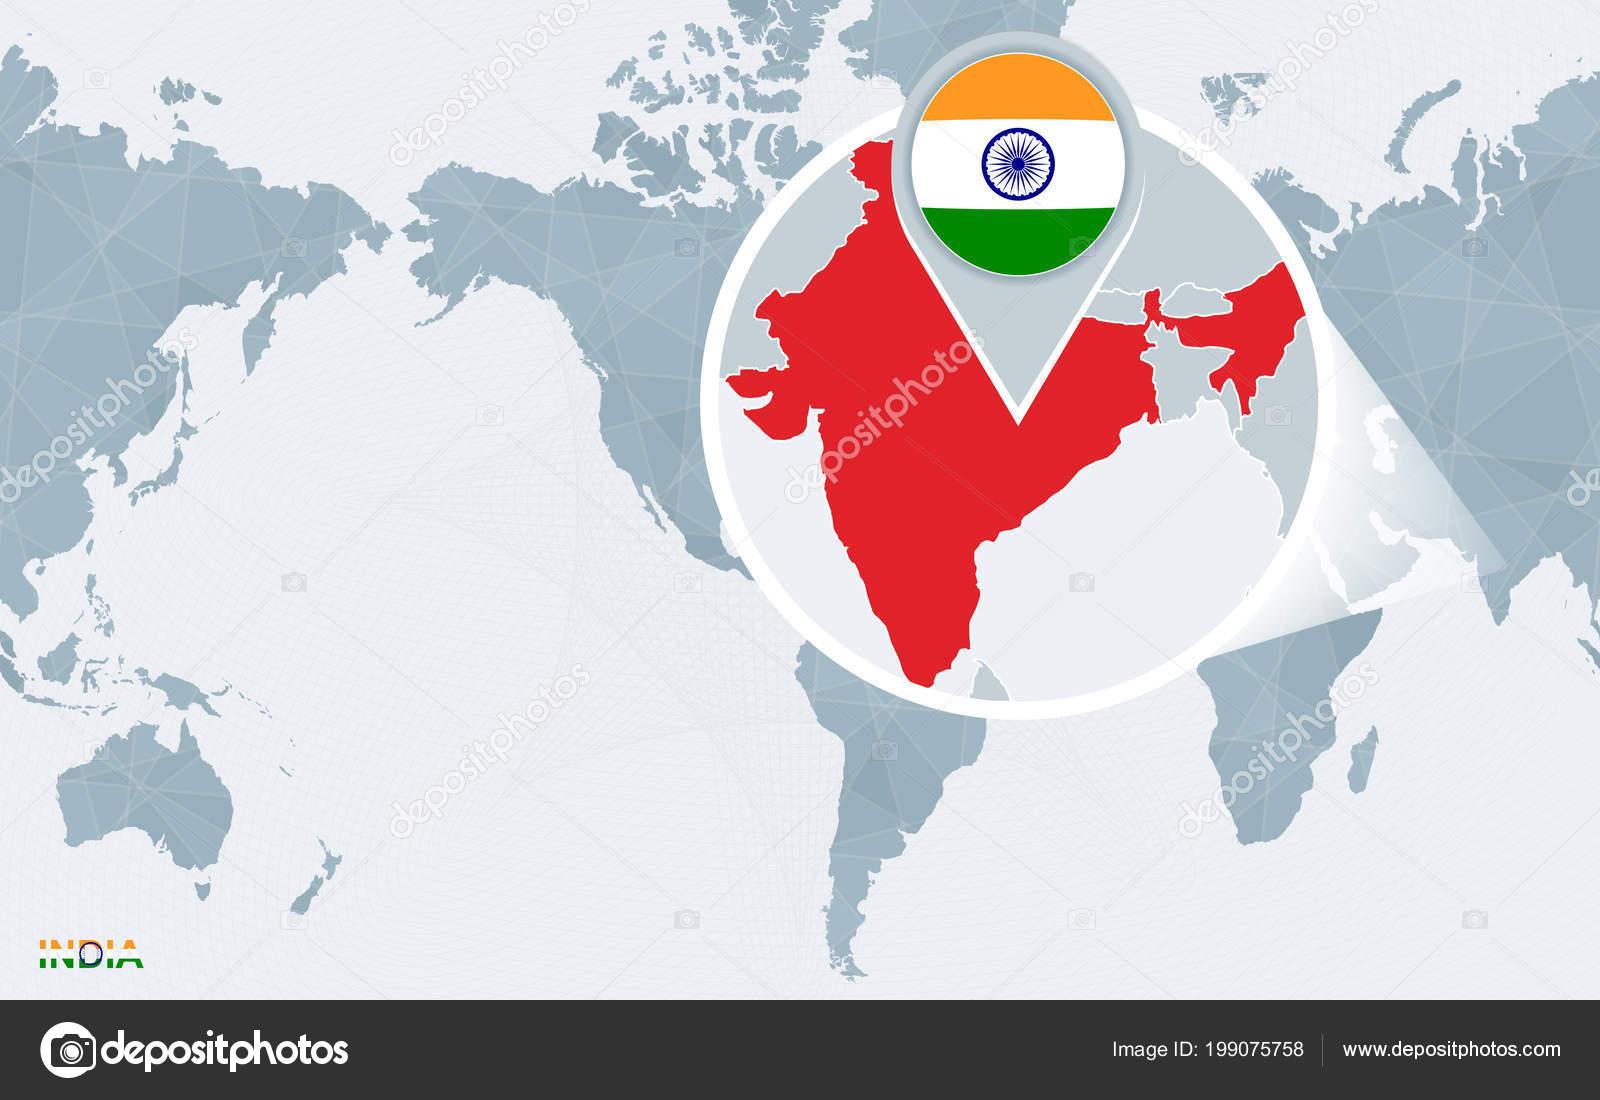 Mapa mundial centrado amrica con india magnificada bandera azul mapa mundial centrado amrica con india magnificada bandera azul mapa vector de stock gumiabroncs Images